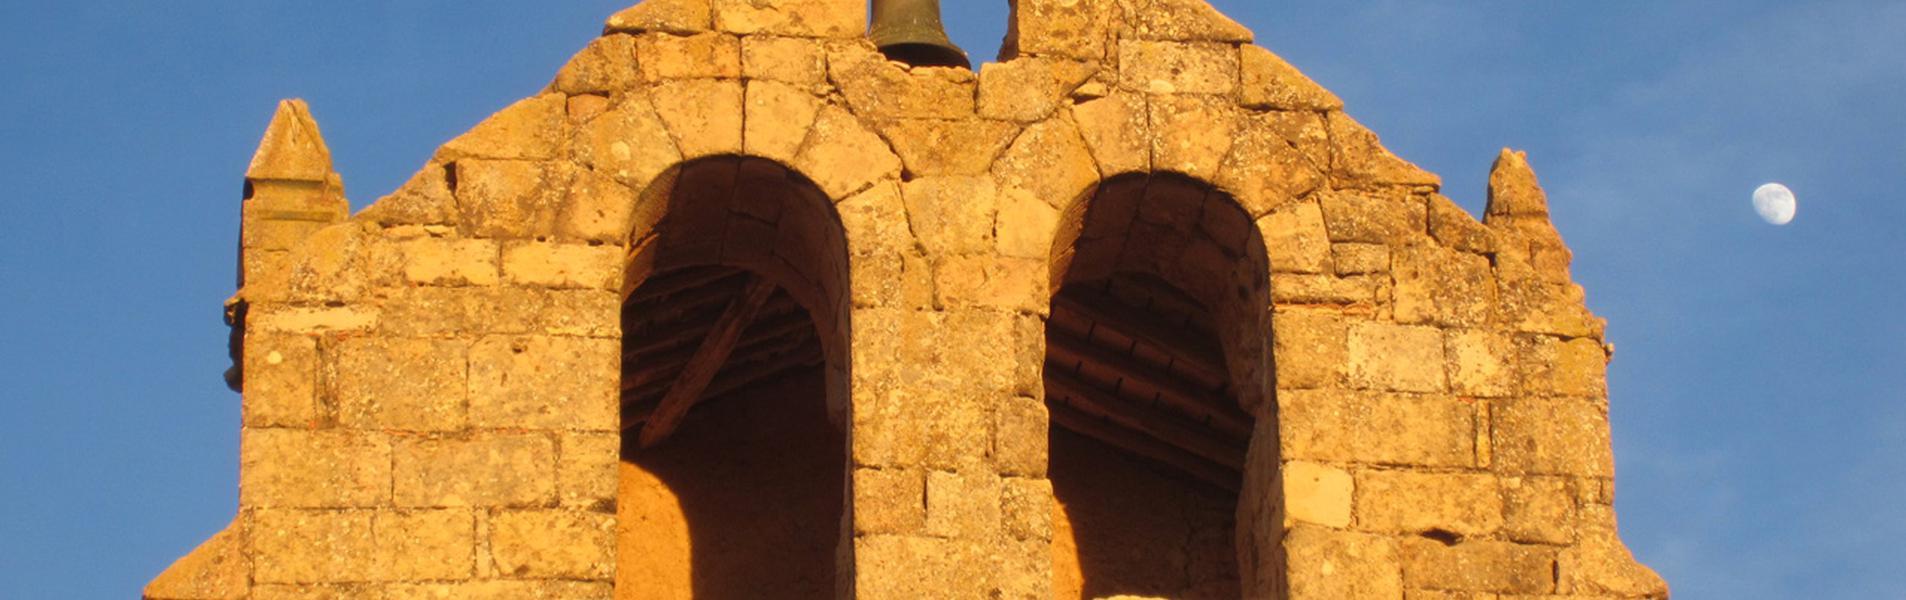 Castillo-Albaráñez